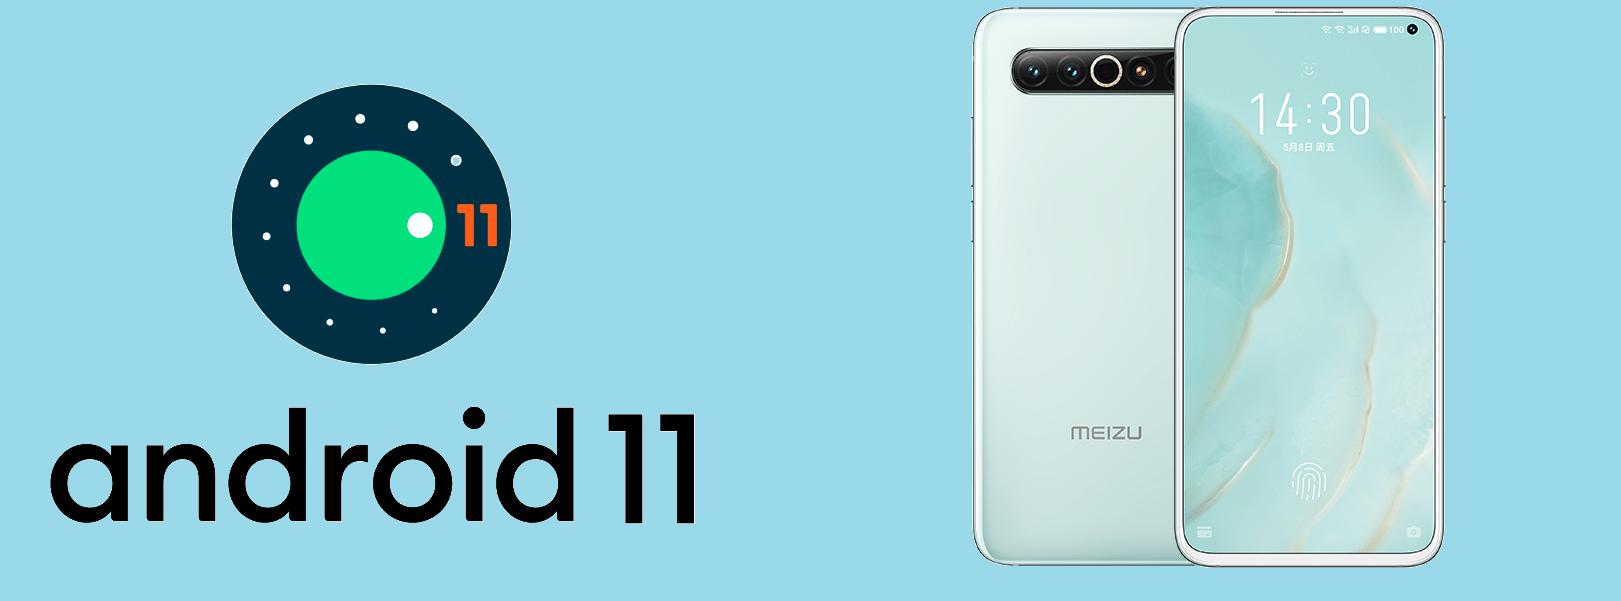 Meizu 17とMeizu 17 Pro用Android 11ベースFlyme OS Beta 7が配信